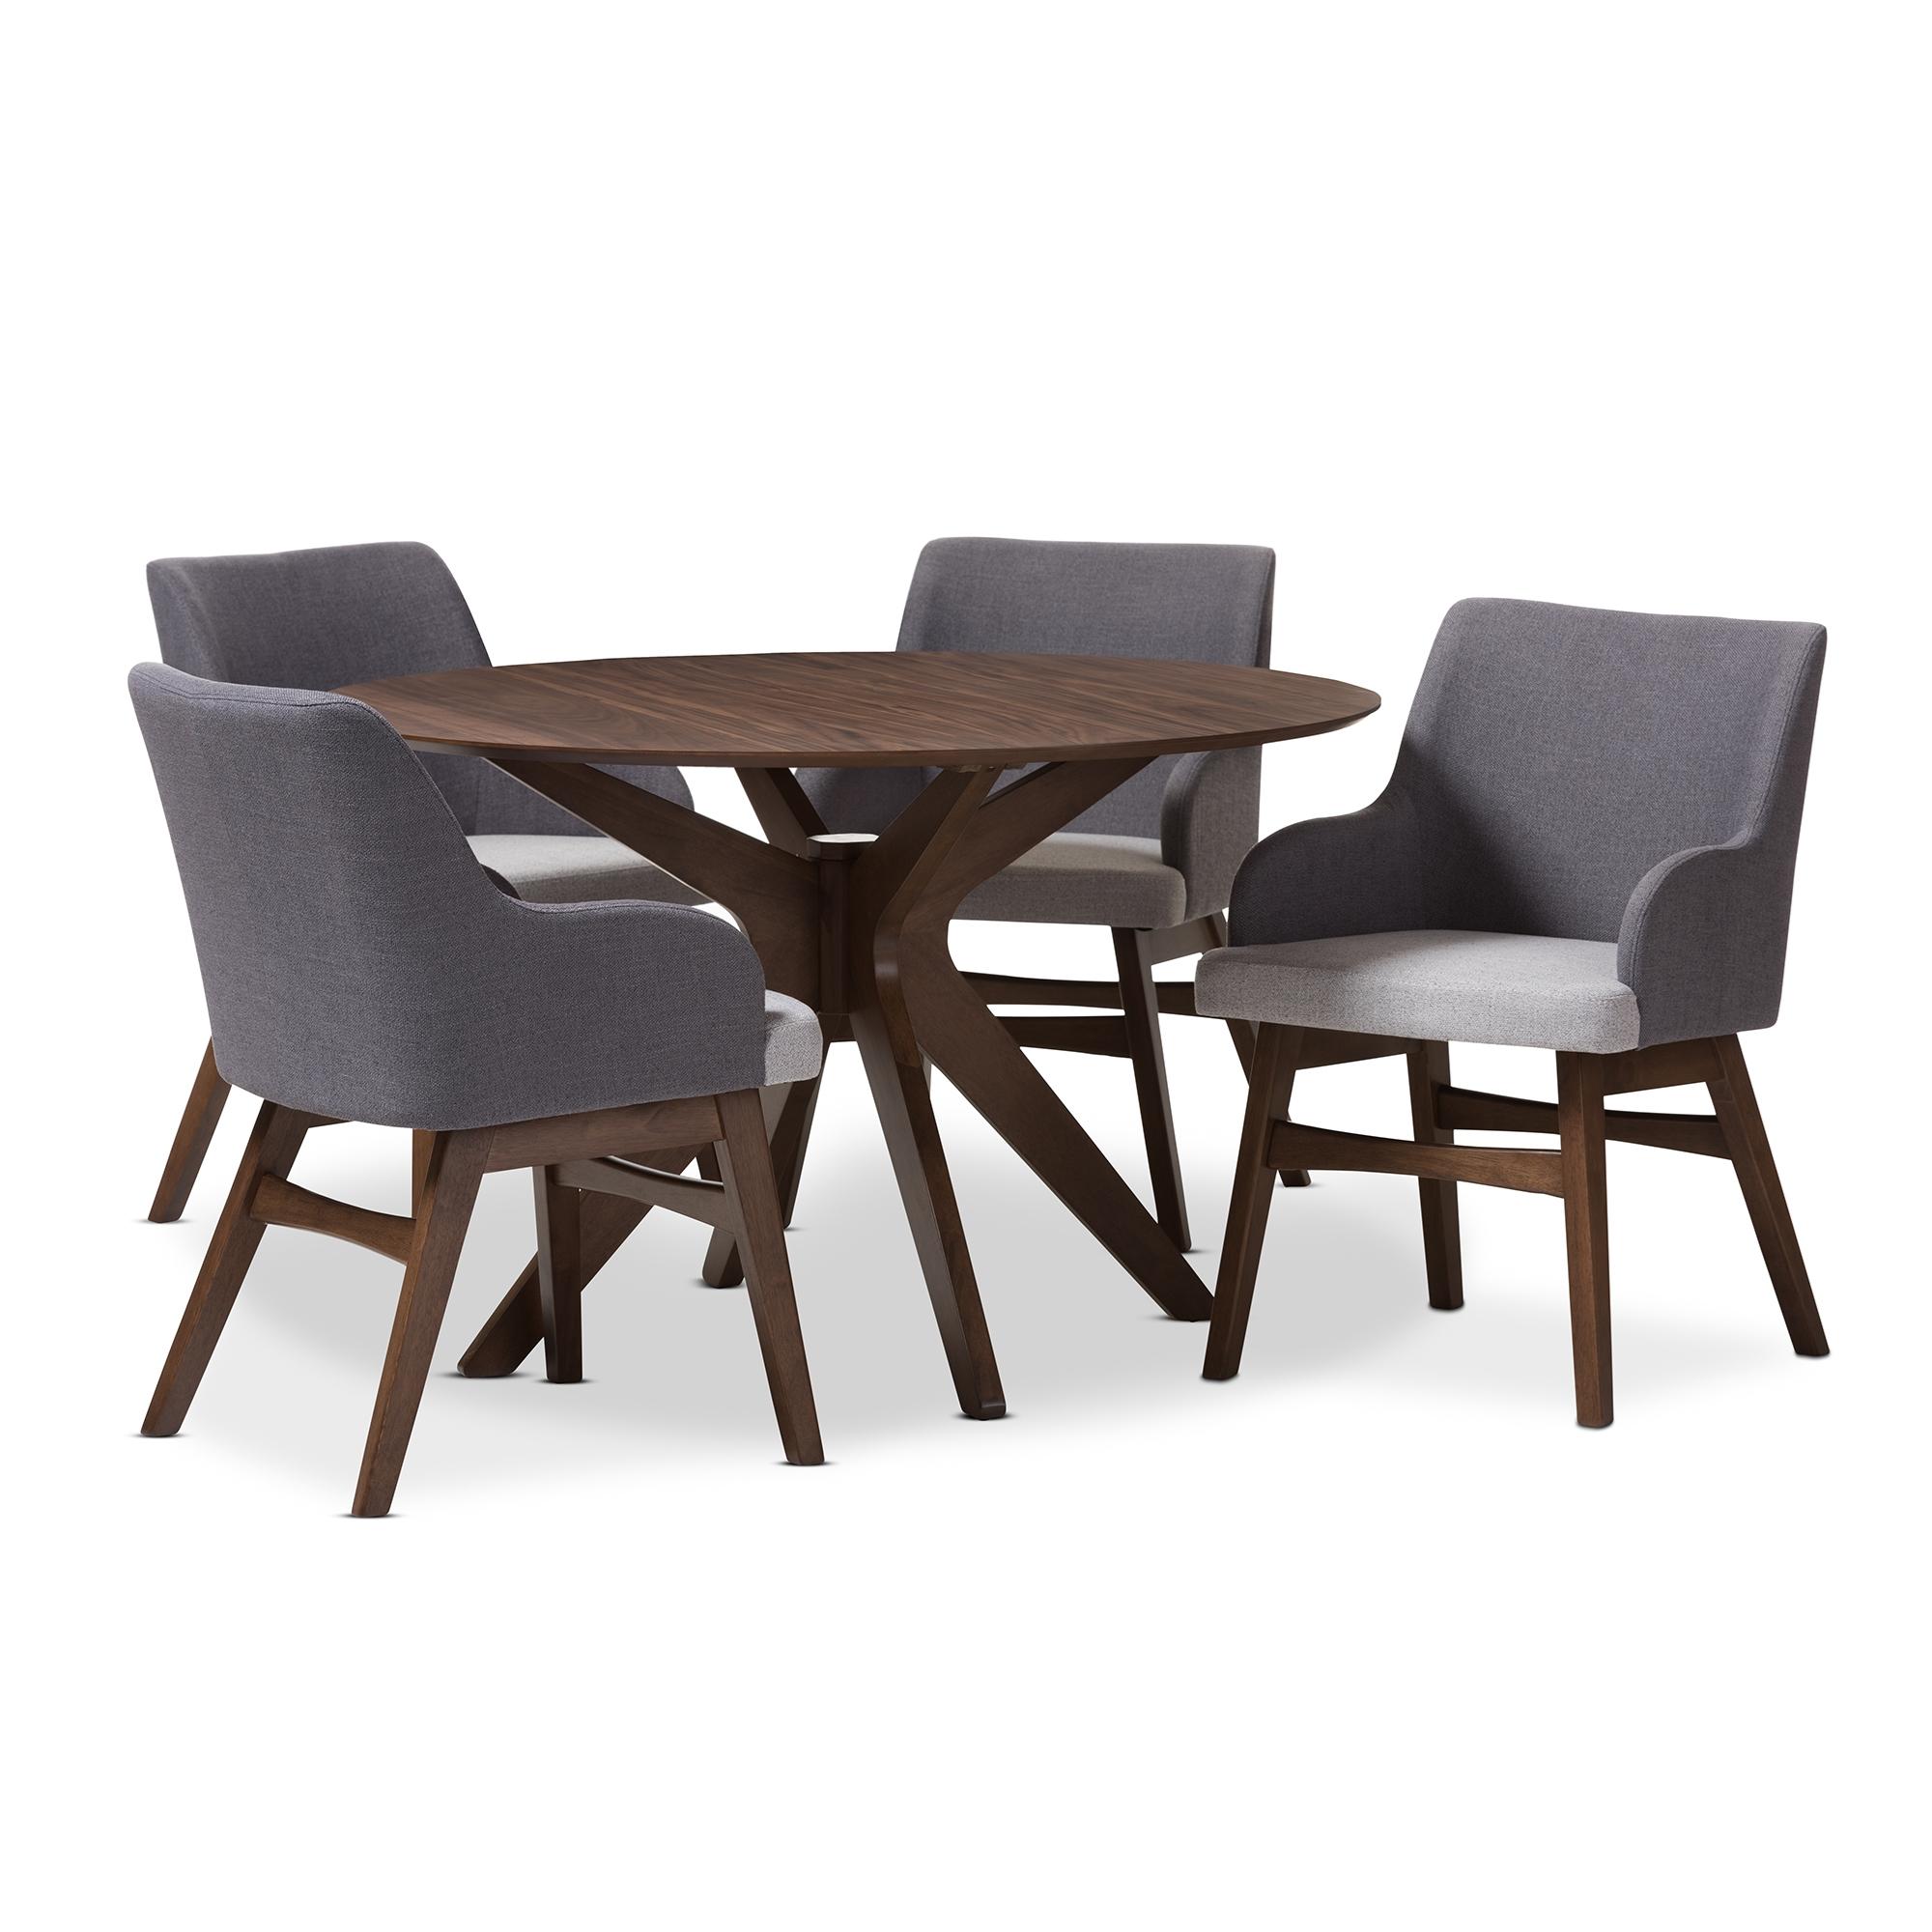 Baxton Studio Monte Mid Century Modern Walnut Wood Round 5 Piece Dining Set  Baxton